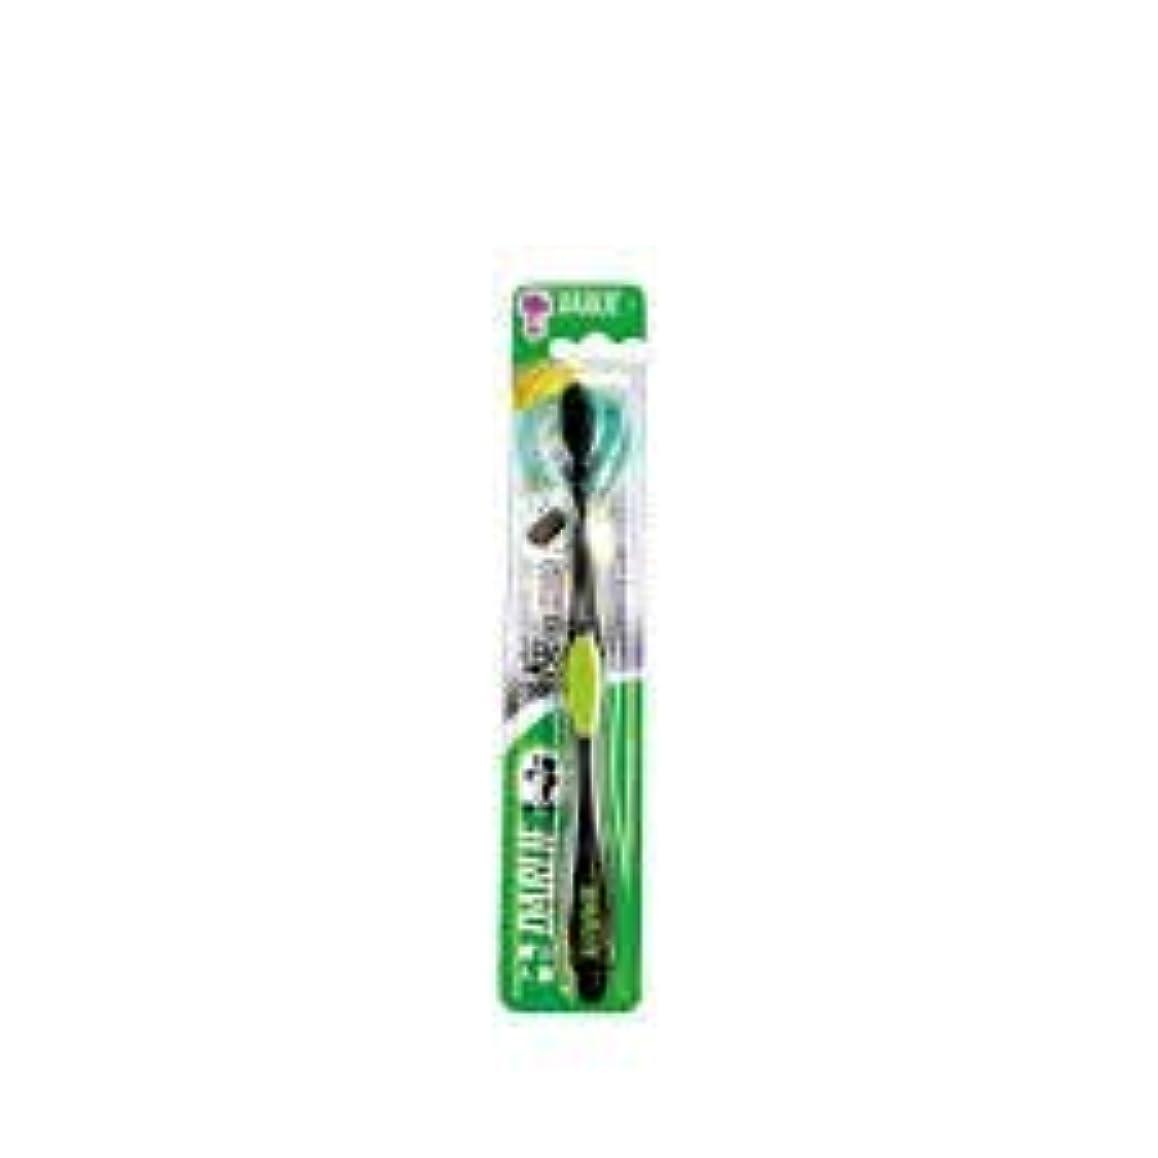 ゴネリル豊富にクレジットDARLIE チャコールブラック歯磨き粉歯ブラシのクリーニングはテーパ1S-口臭を防止するために、活性炭粒子で強化毛。